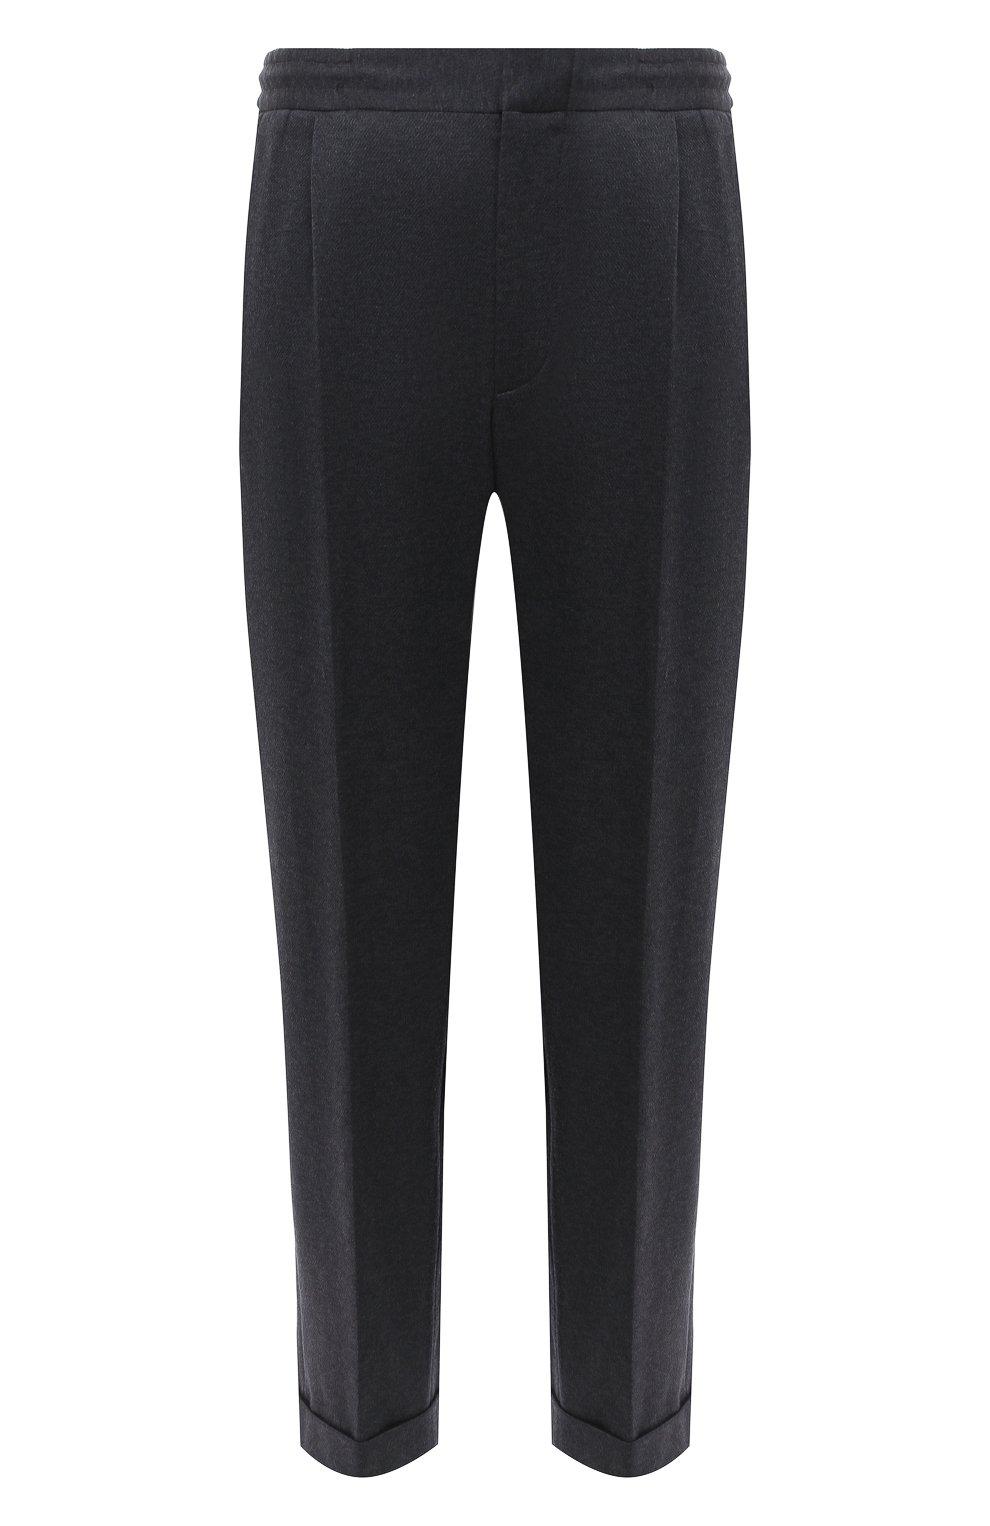 Мужские хлопковые брюки KNT серого цвета, арт. UPS0102J02T31 | Фото 1 (Длина (брюки, джинсы): Стандартные; Случай: Повседневный; Материал внешний: Хлопок; Стили: Кэжуэл)